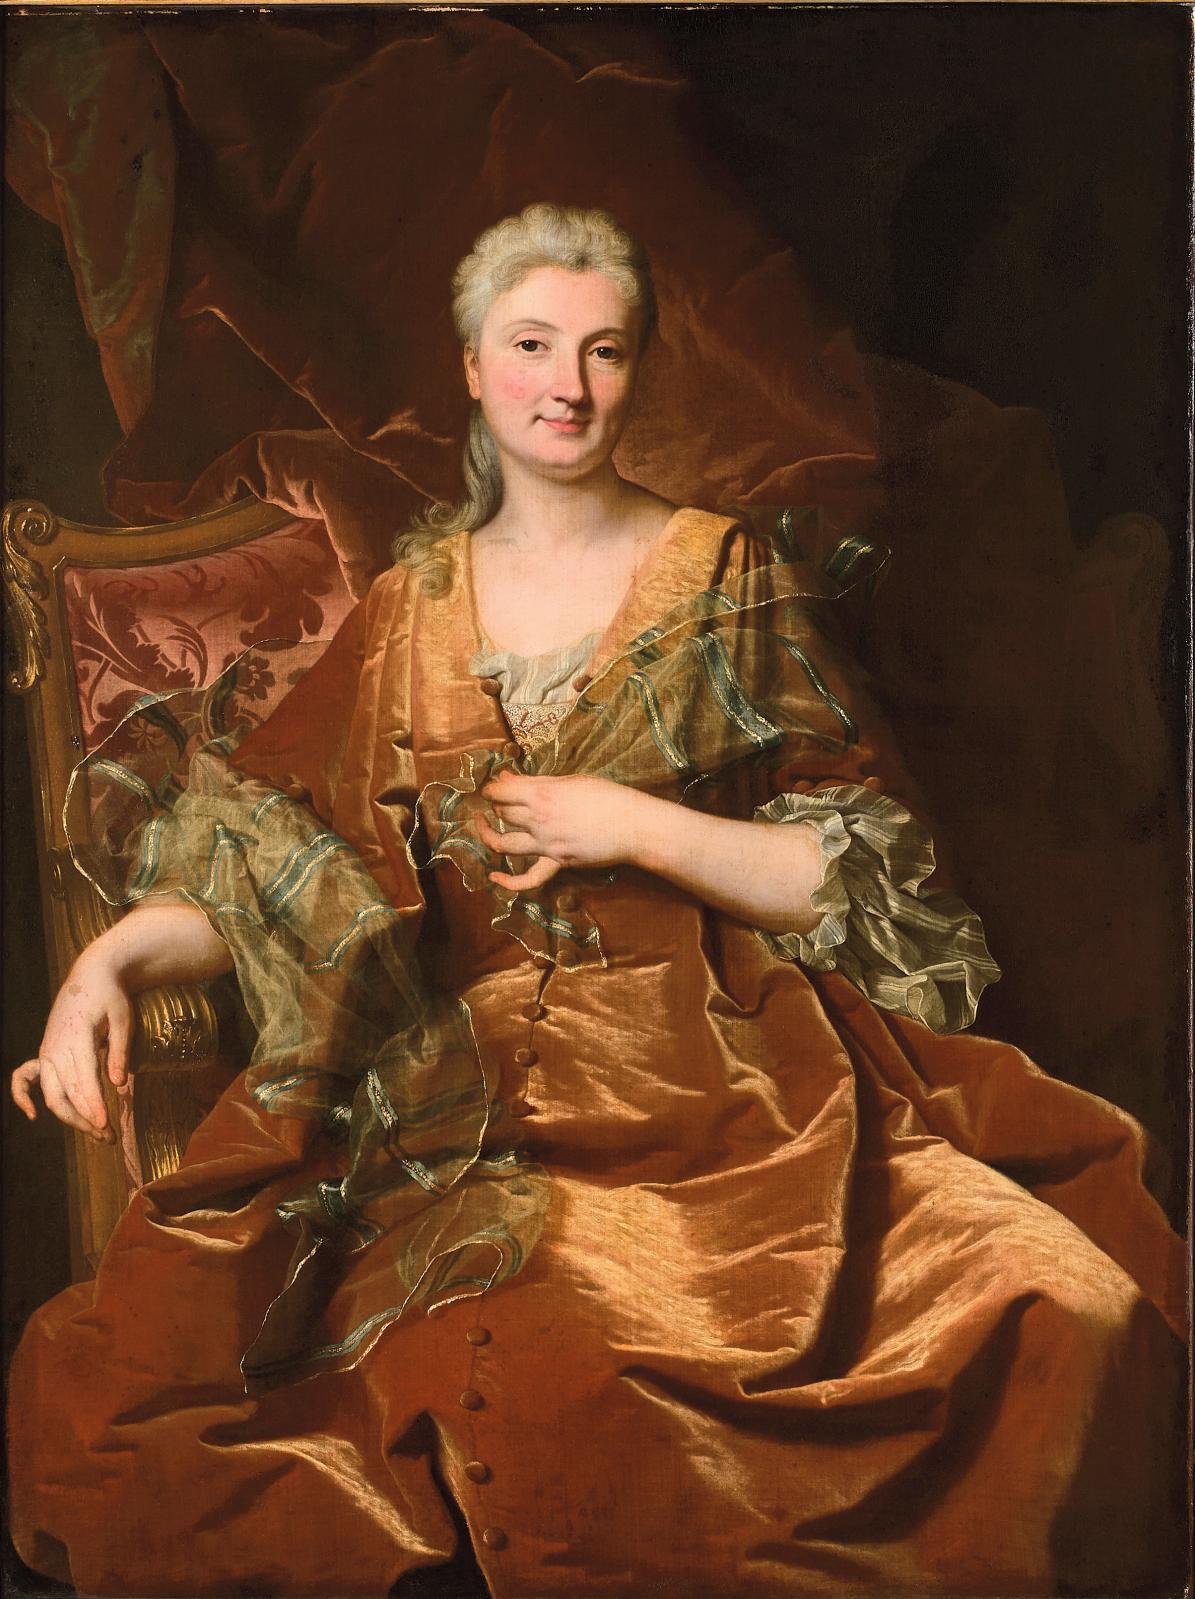 Hyacinthe Rigaud (1659-1743), Portrait de femme, présumé de Charlotte de Fleury de LaJonchère, huile sur toile, 141x99,5cm. Adjugé: 1